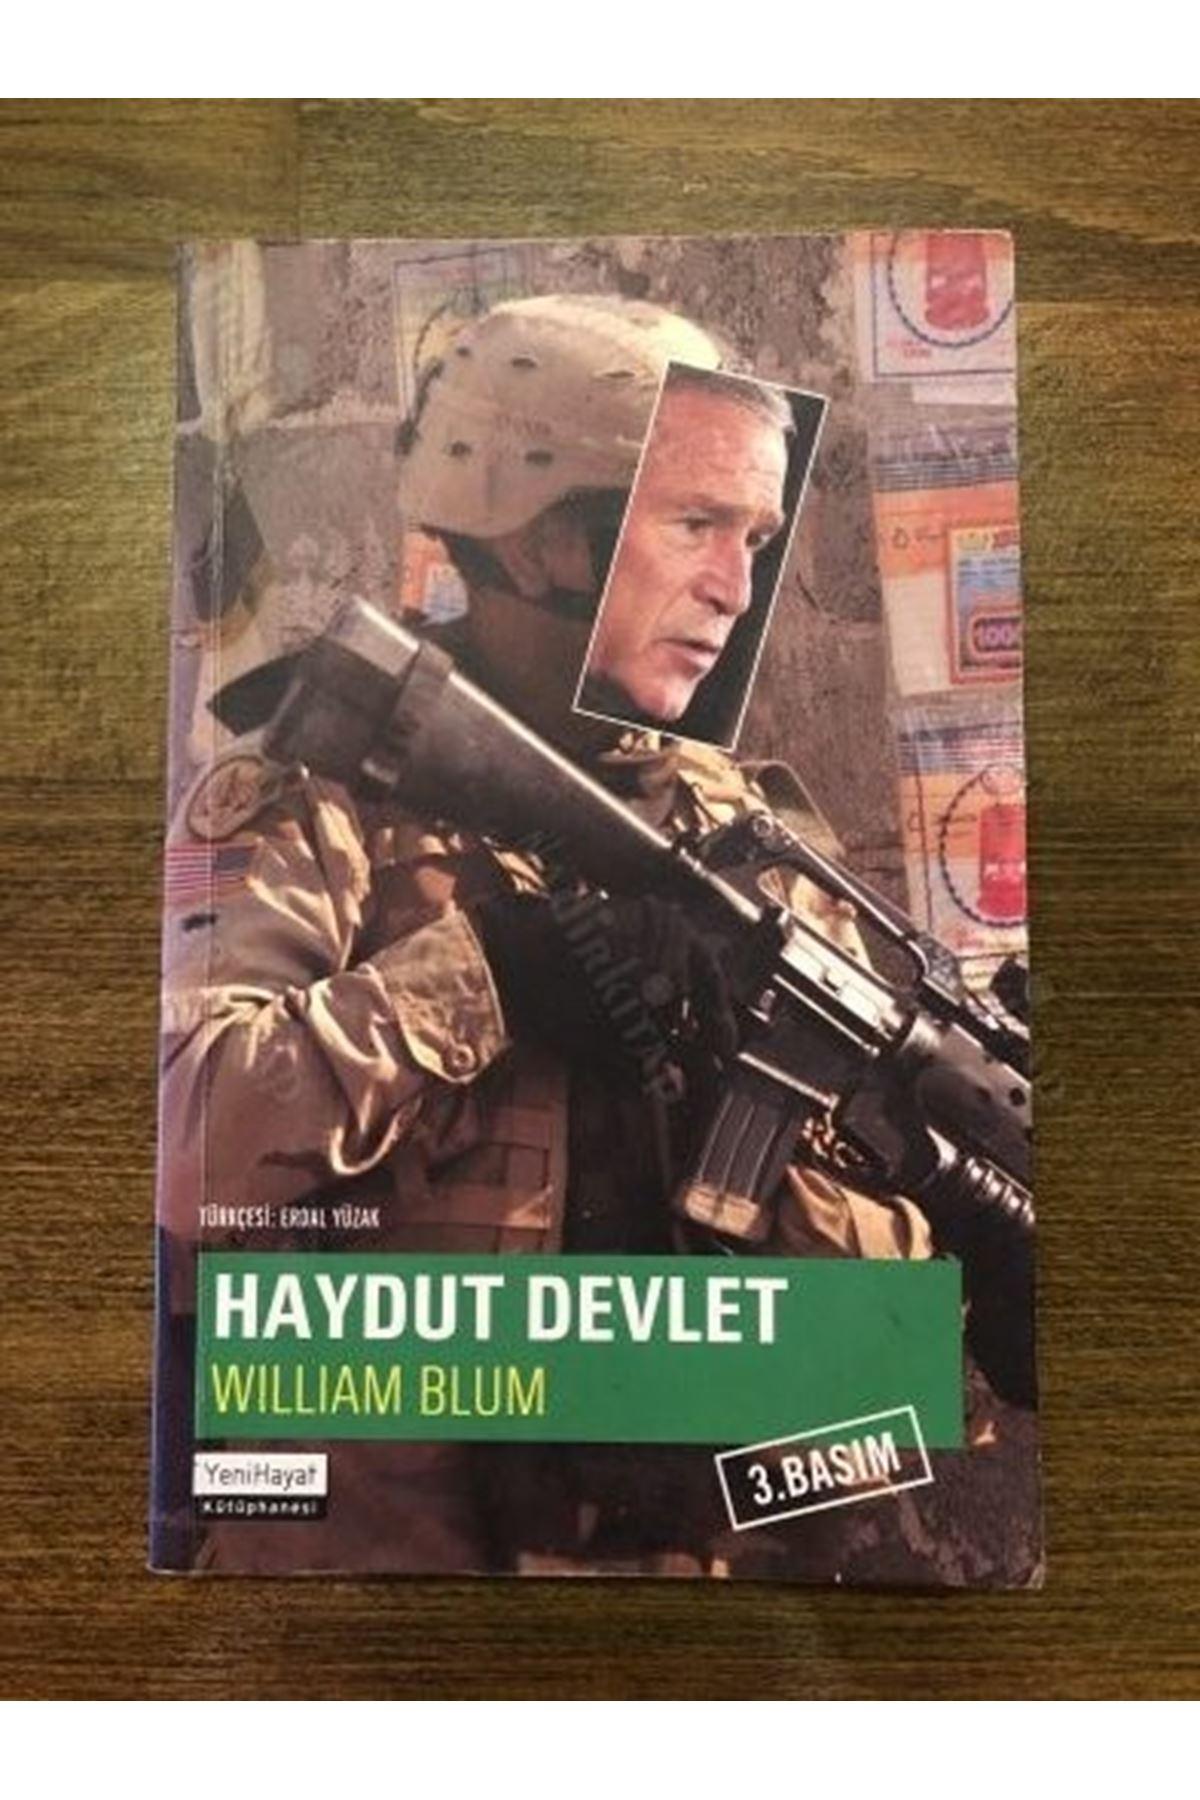 WILLIAM BLUM - HAYDUT DEVLET